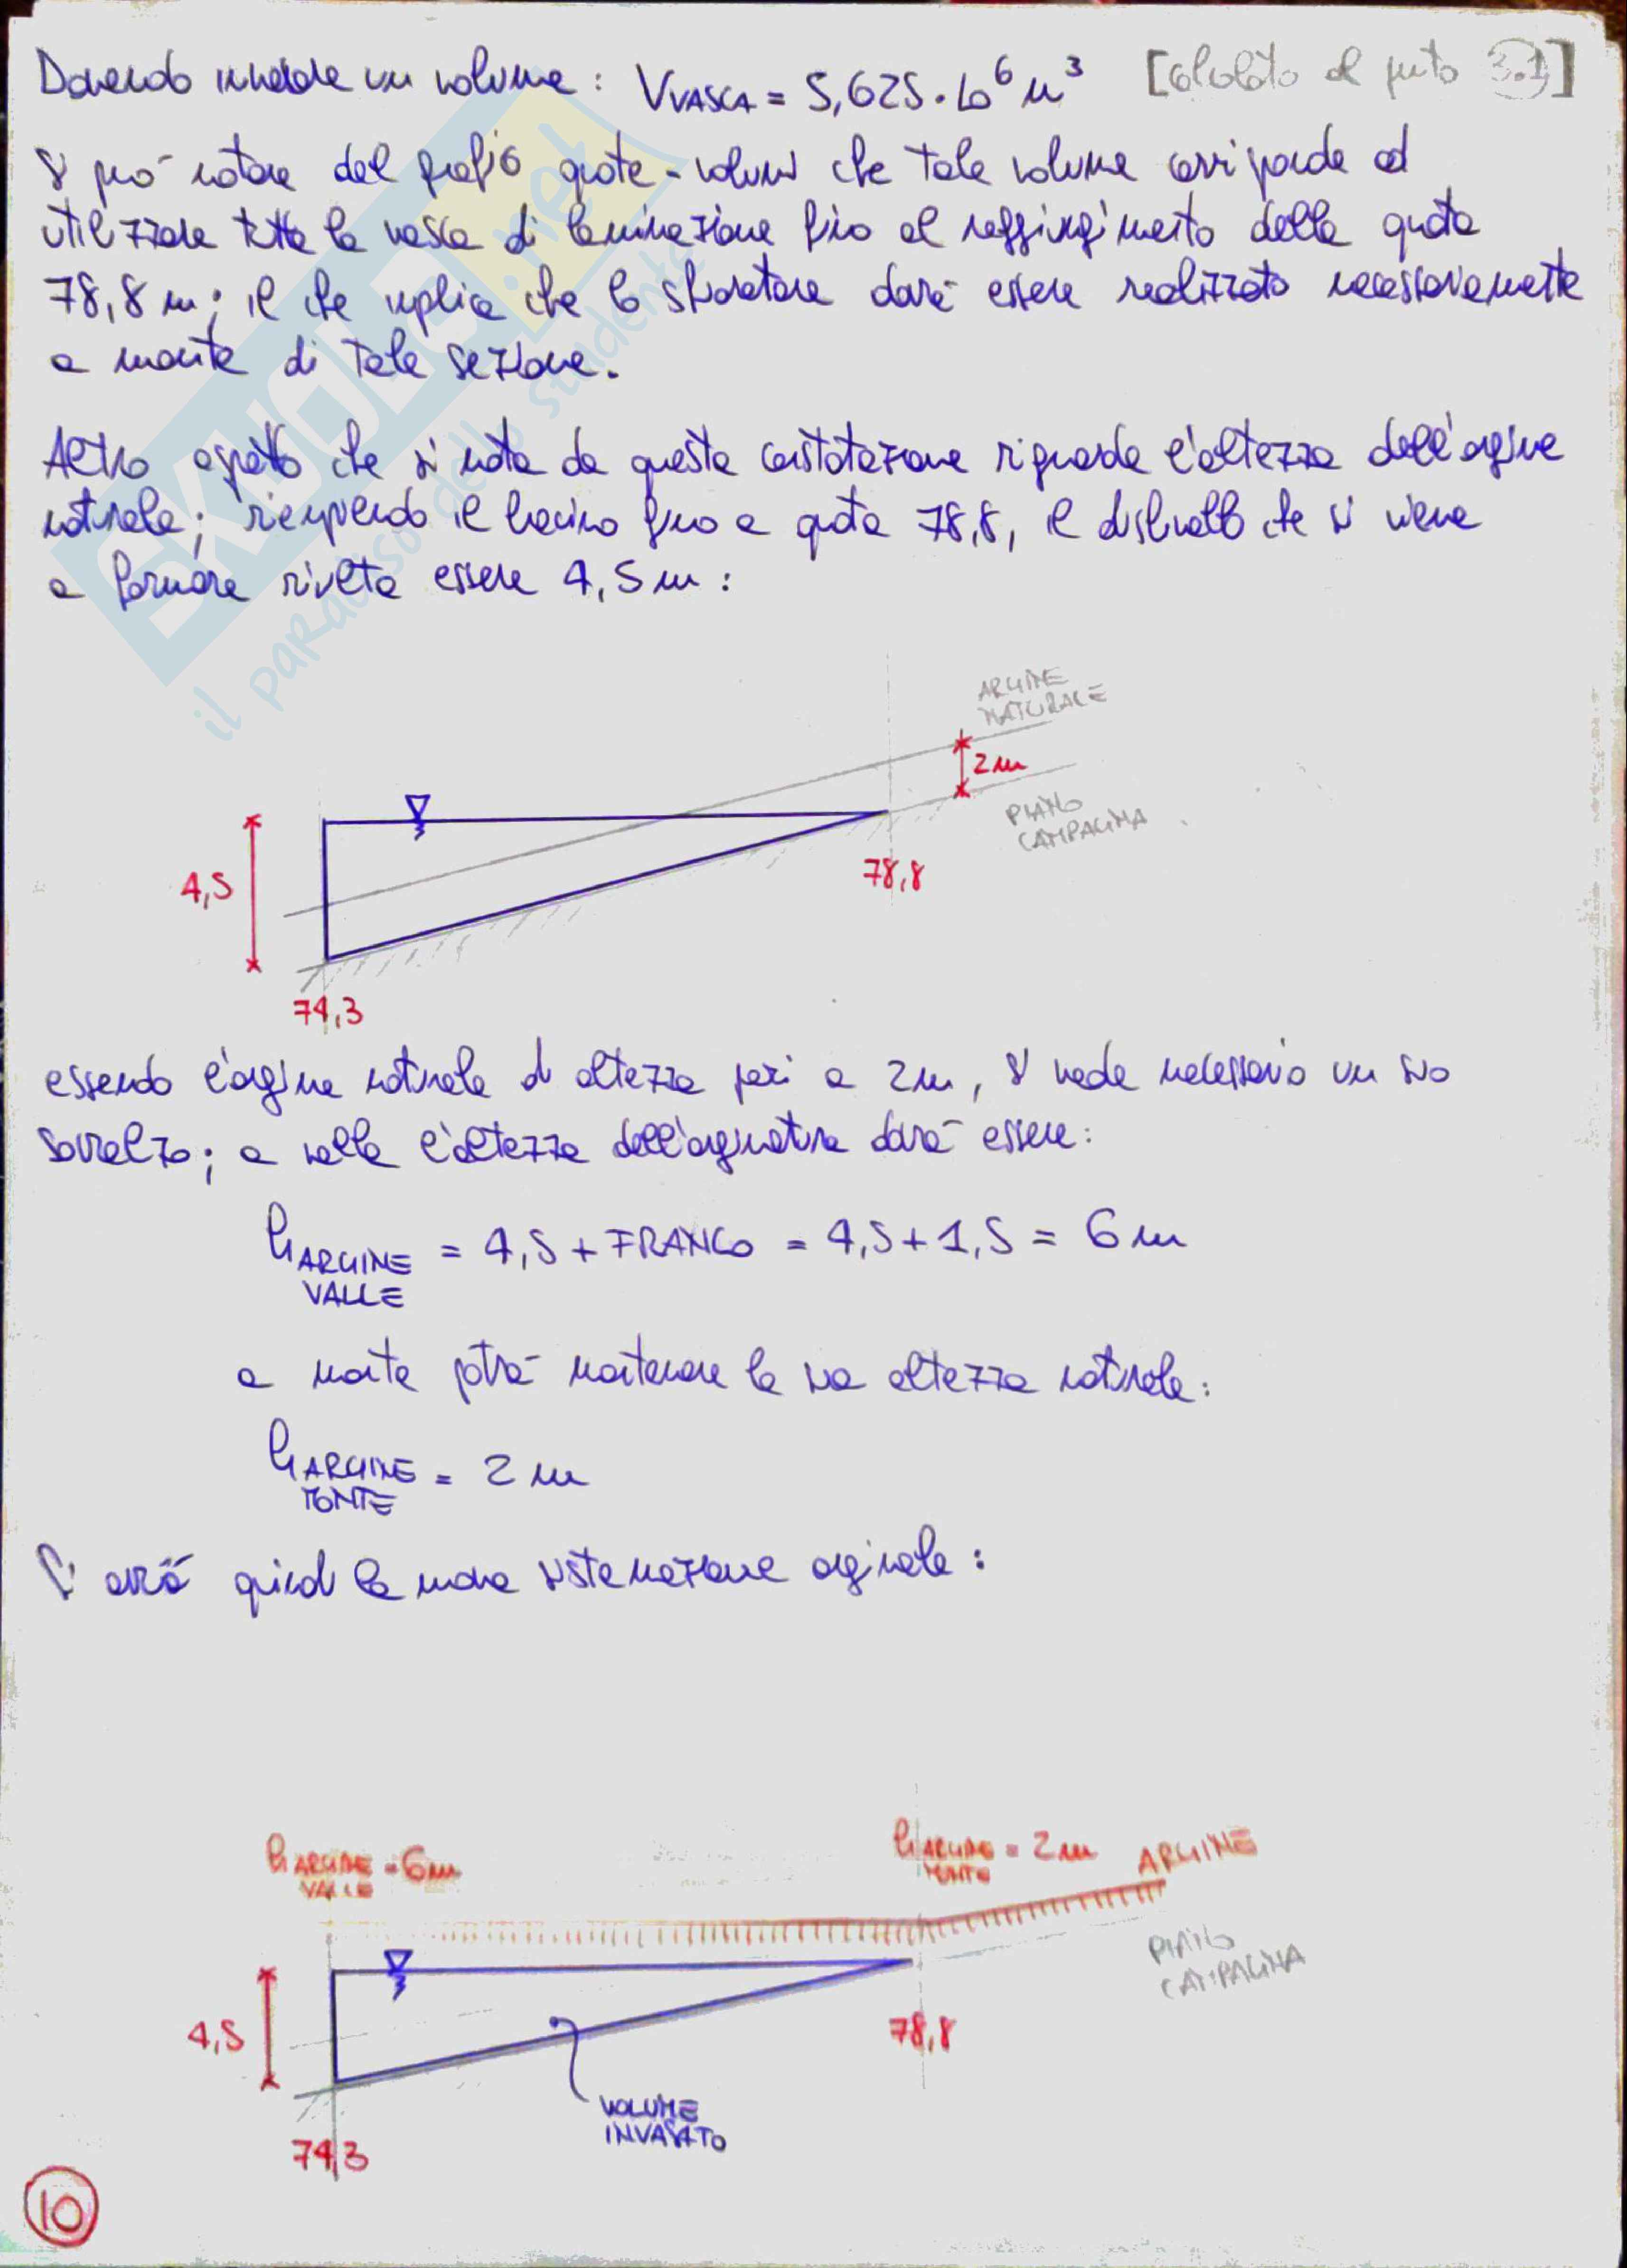 Costruzioni idrauliche 2 (River Engineering) - Temi svolti Pag. 46